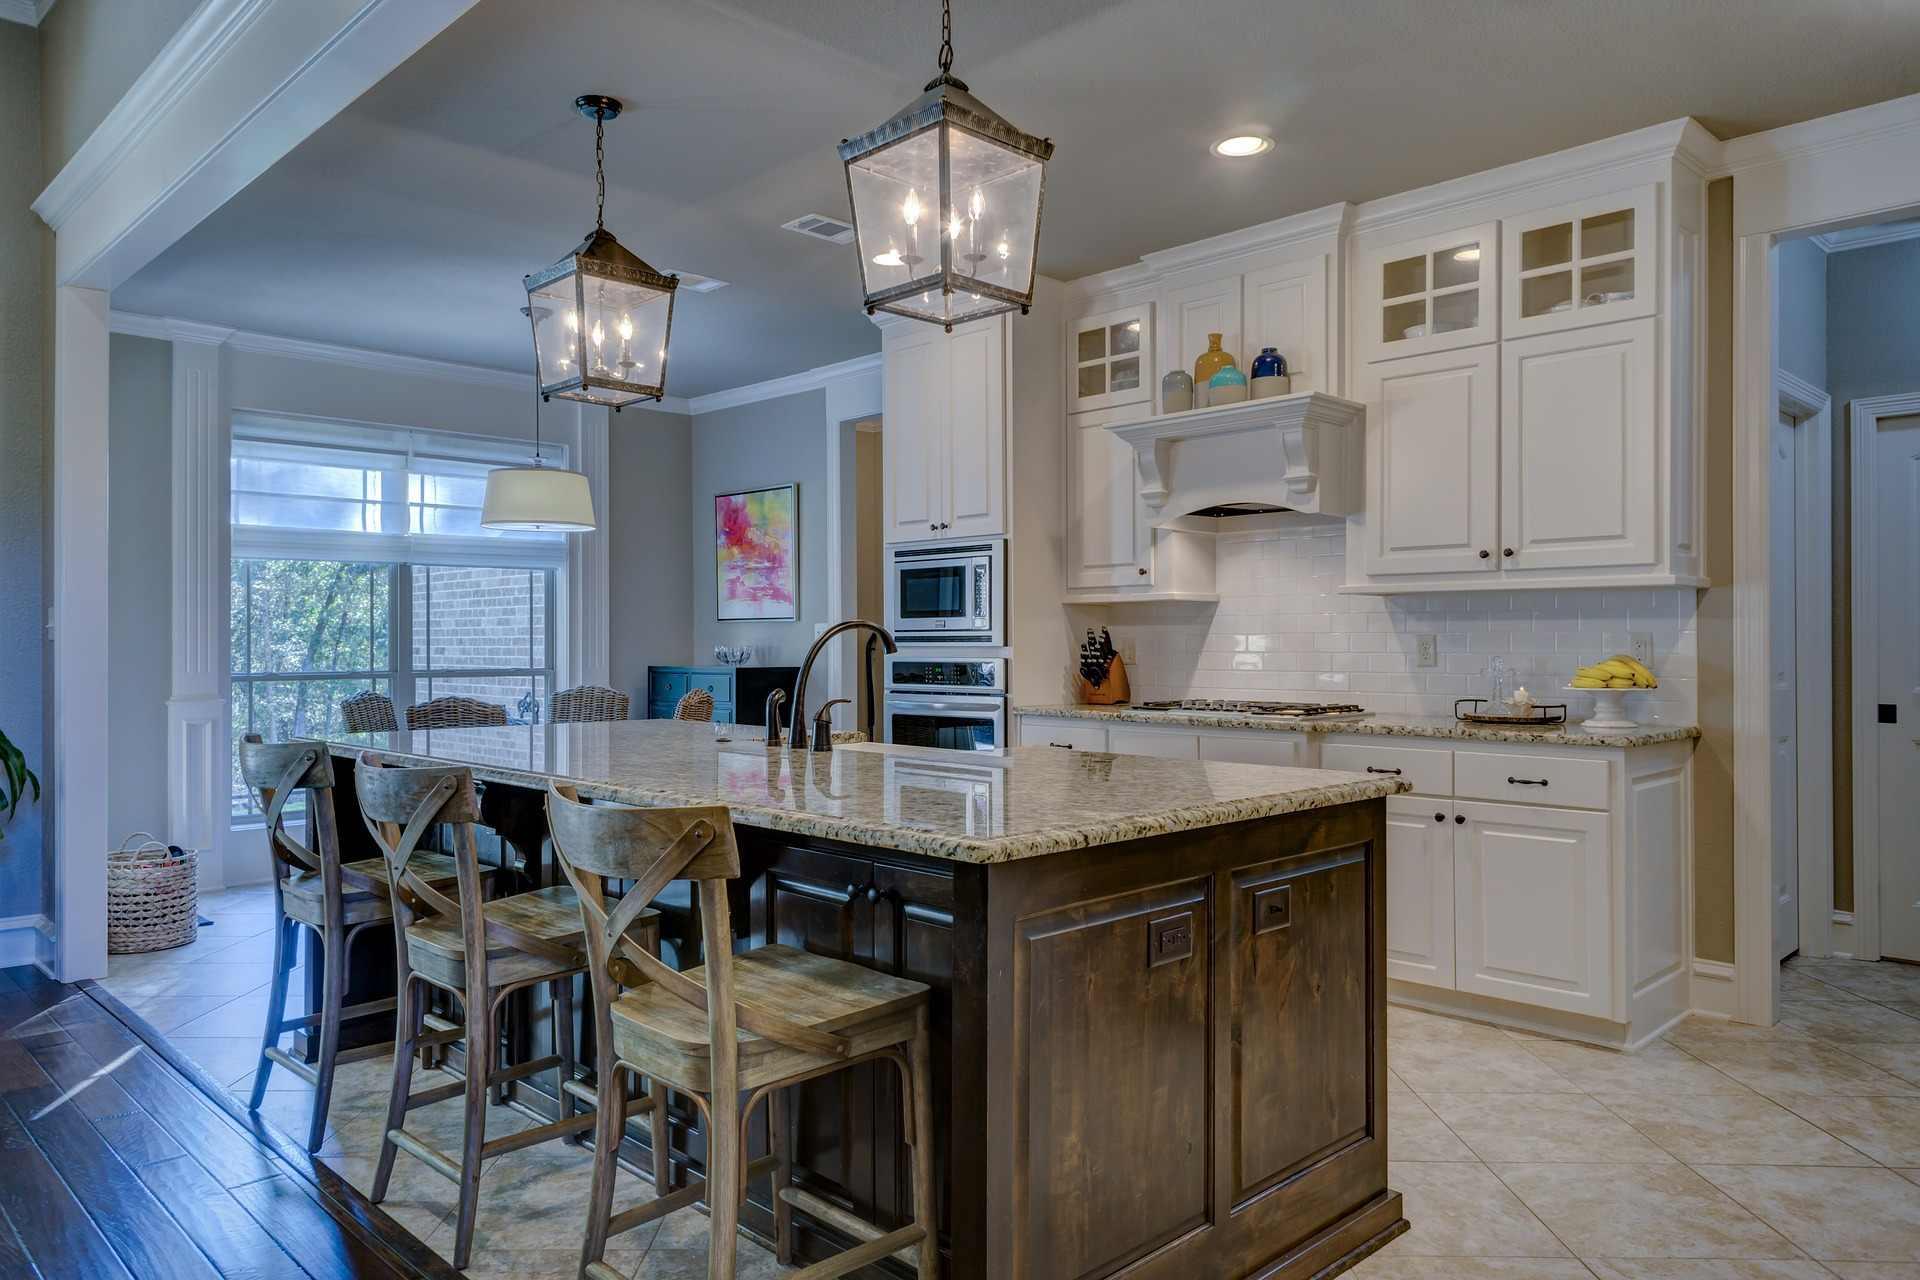 Jaka lampa sufitowa prawidłowo oświetli blaty w kuchni?